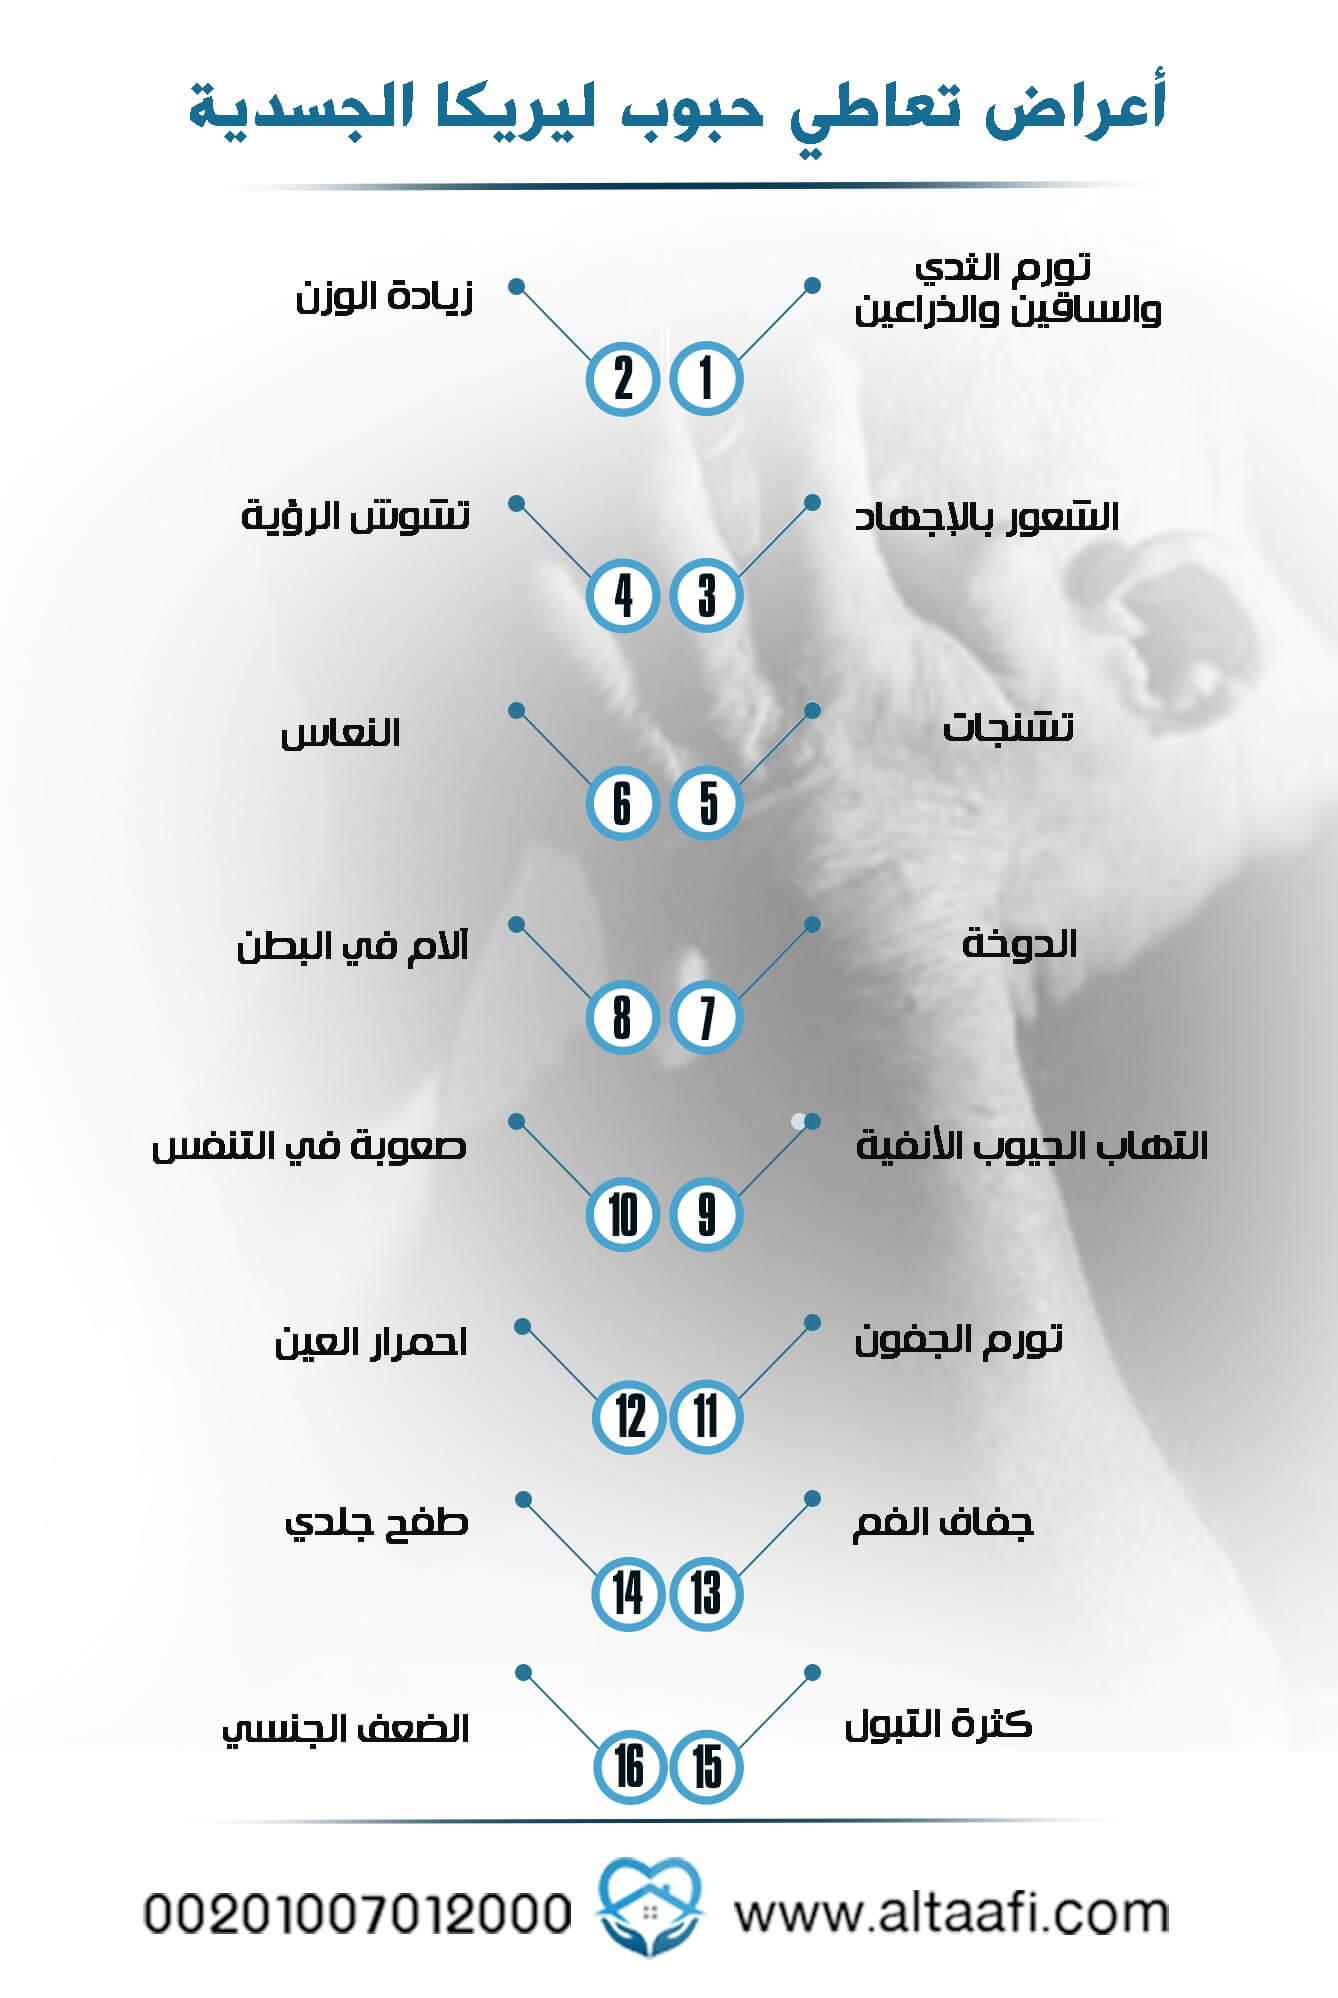 أعراض-تعاطي-حبوب-ليريكا-الجسدية (1)